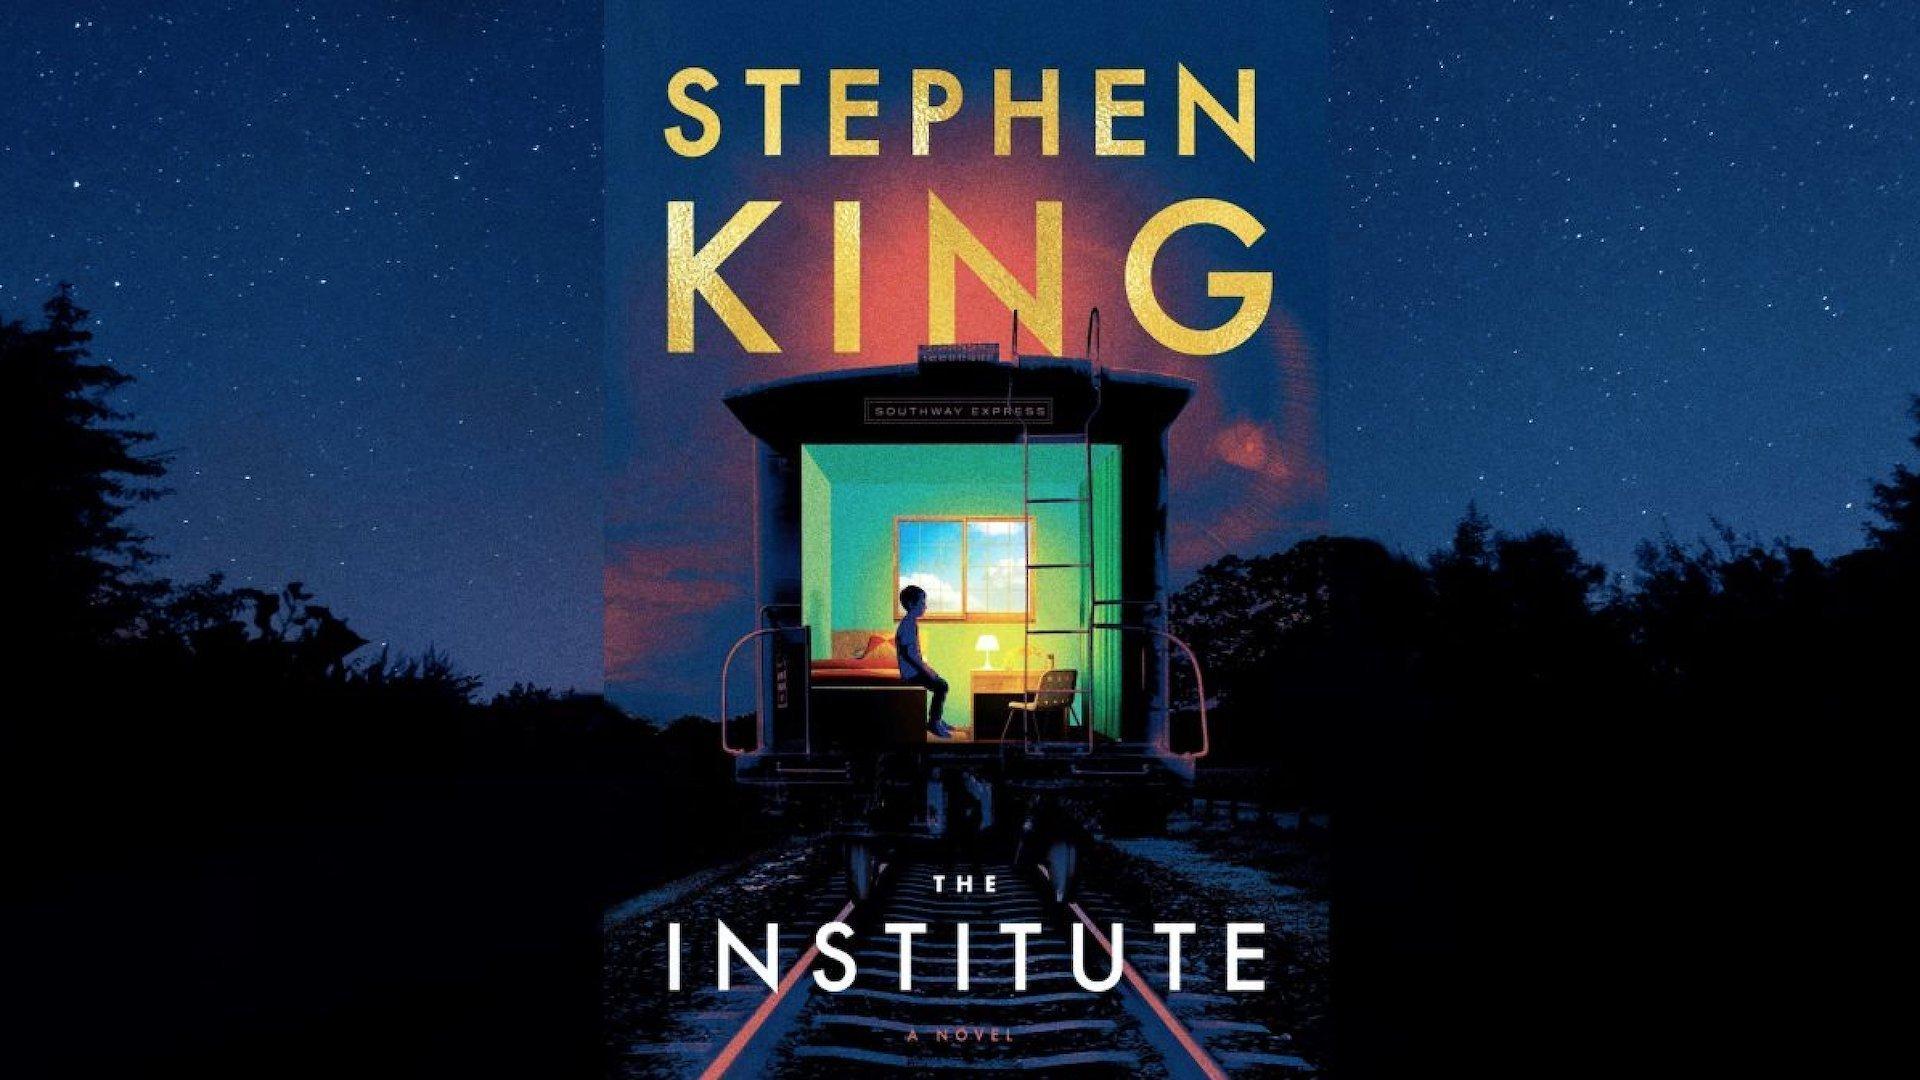 L'istituto: il nuovo romanzo di Stephen King diventerà una serie TV